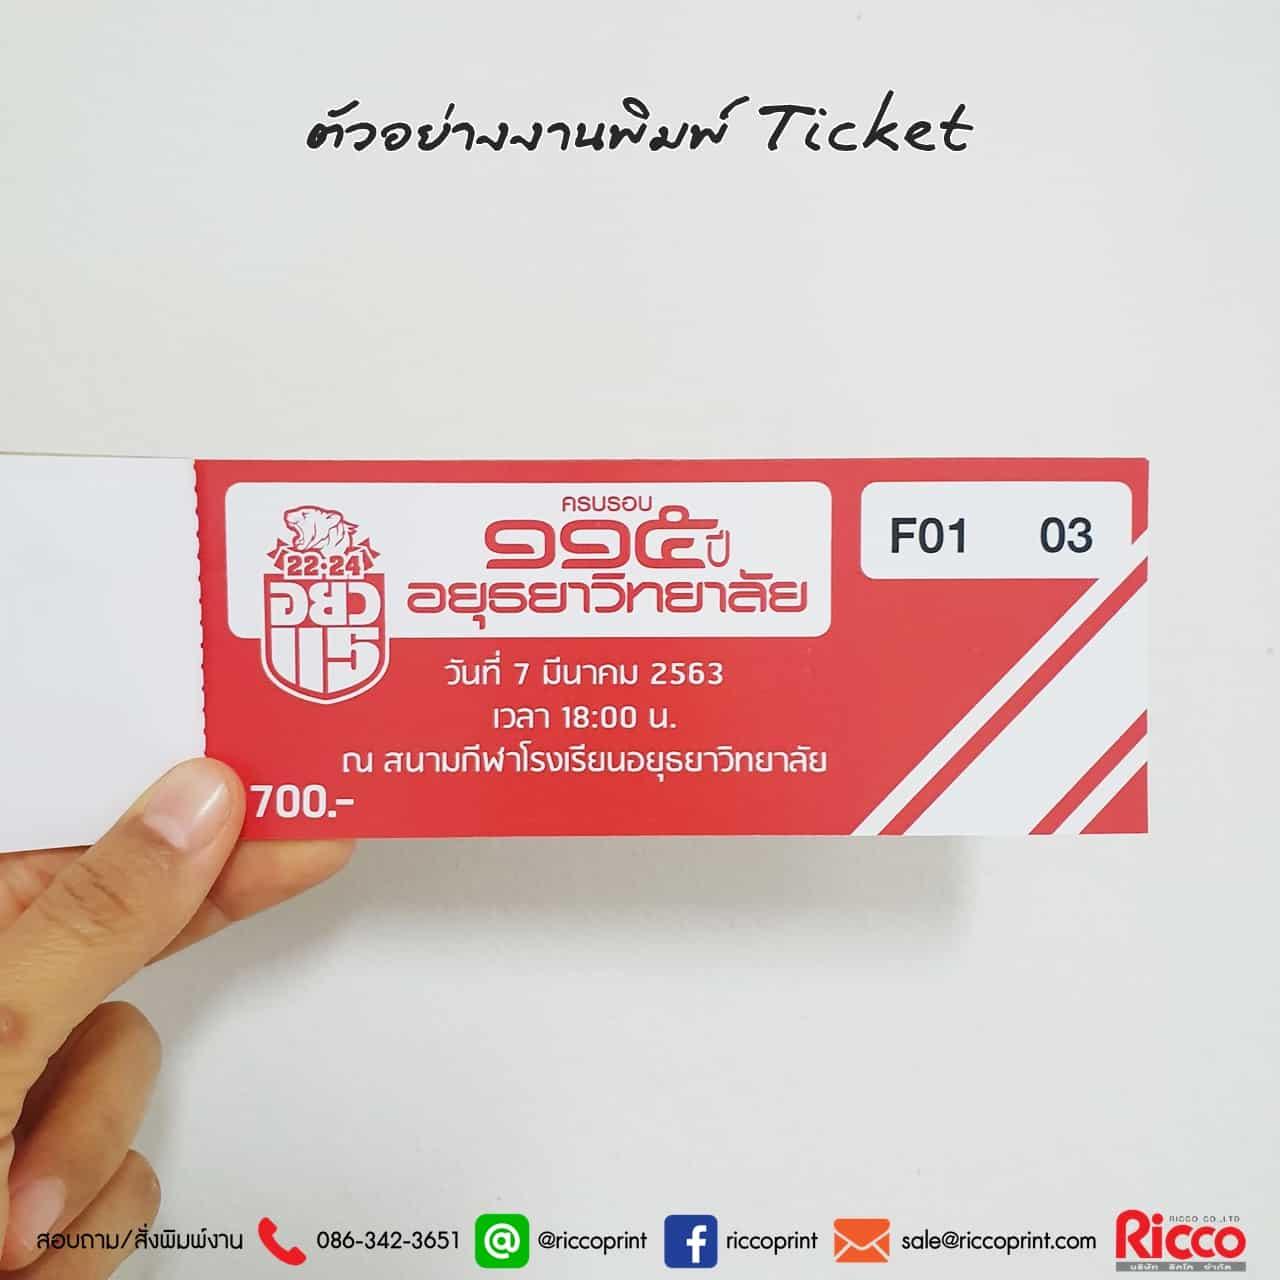 รูป Ticket 2020 7 - ประกอบเนื้อหา คูปอง บัตรกำนัล ตั๋ว